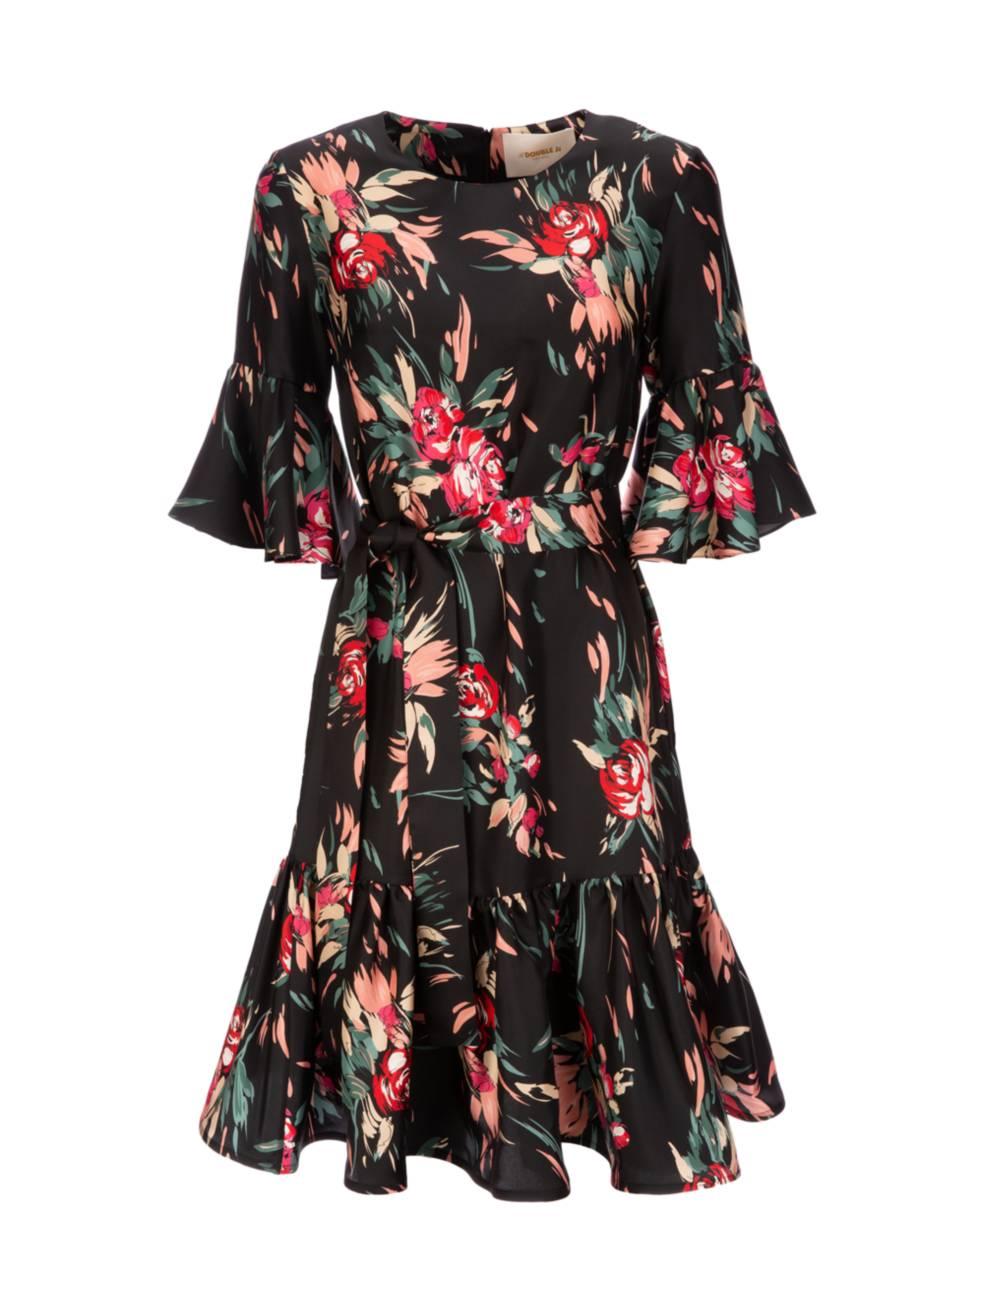 LA DOUBLEJ Short Curly Swing Silk Dress